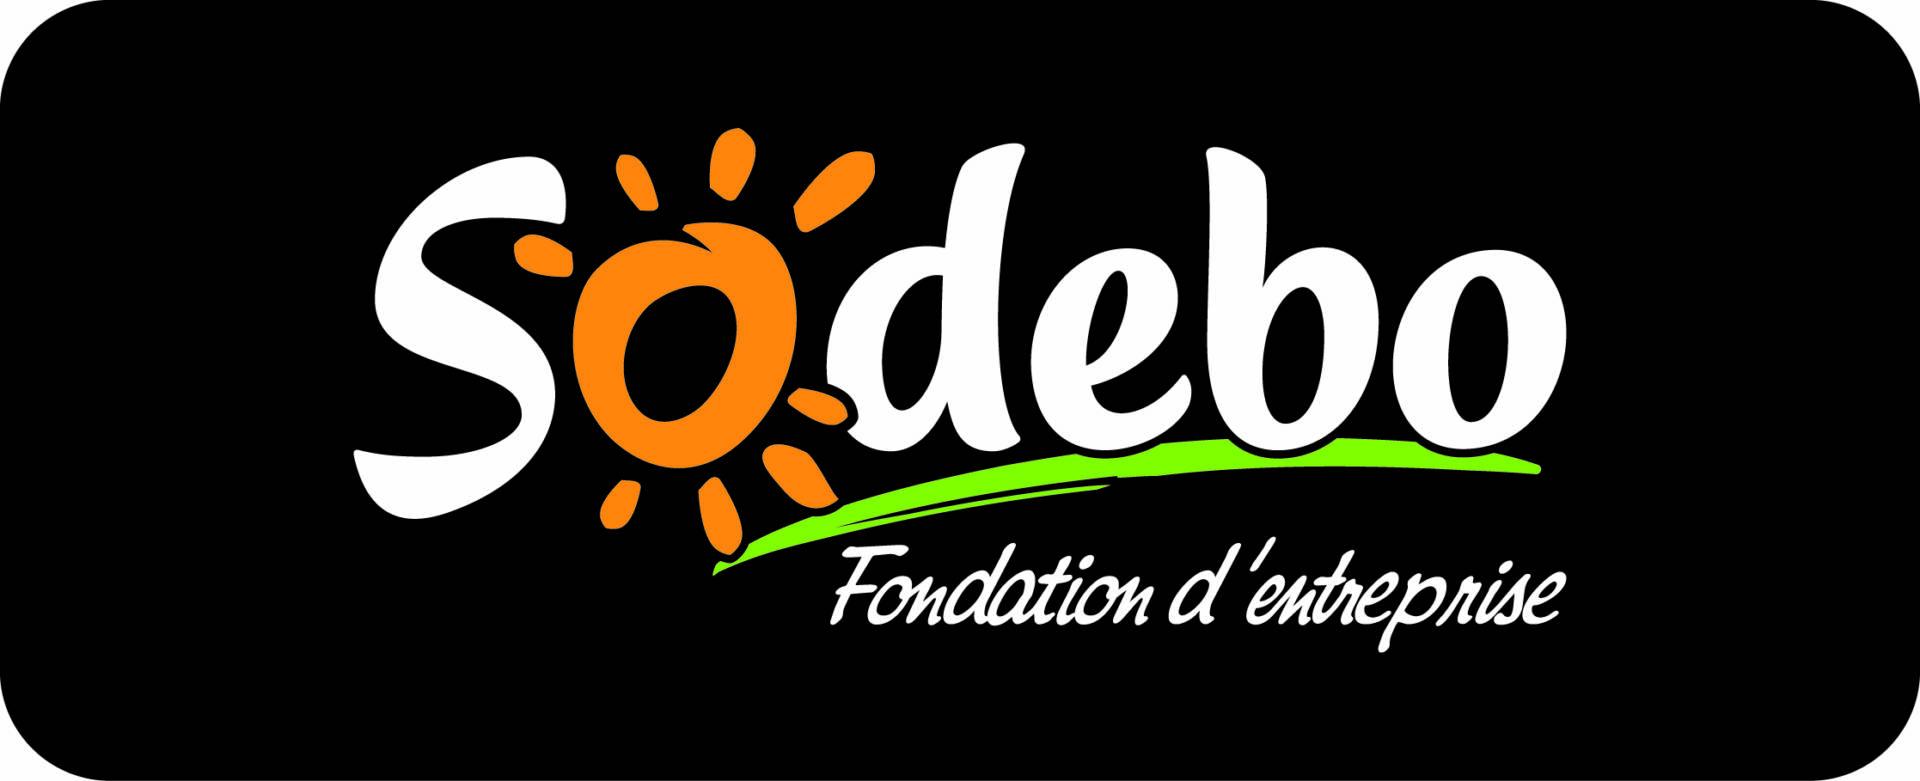 Fondation d'entreprise SODEBO